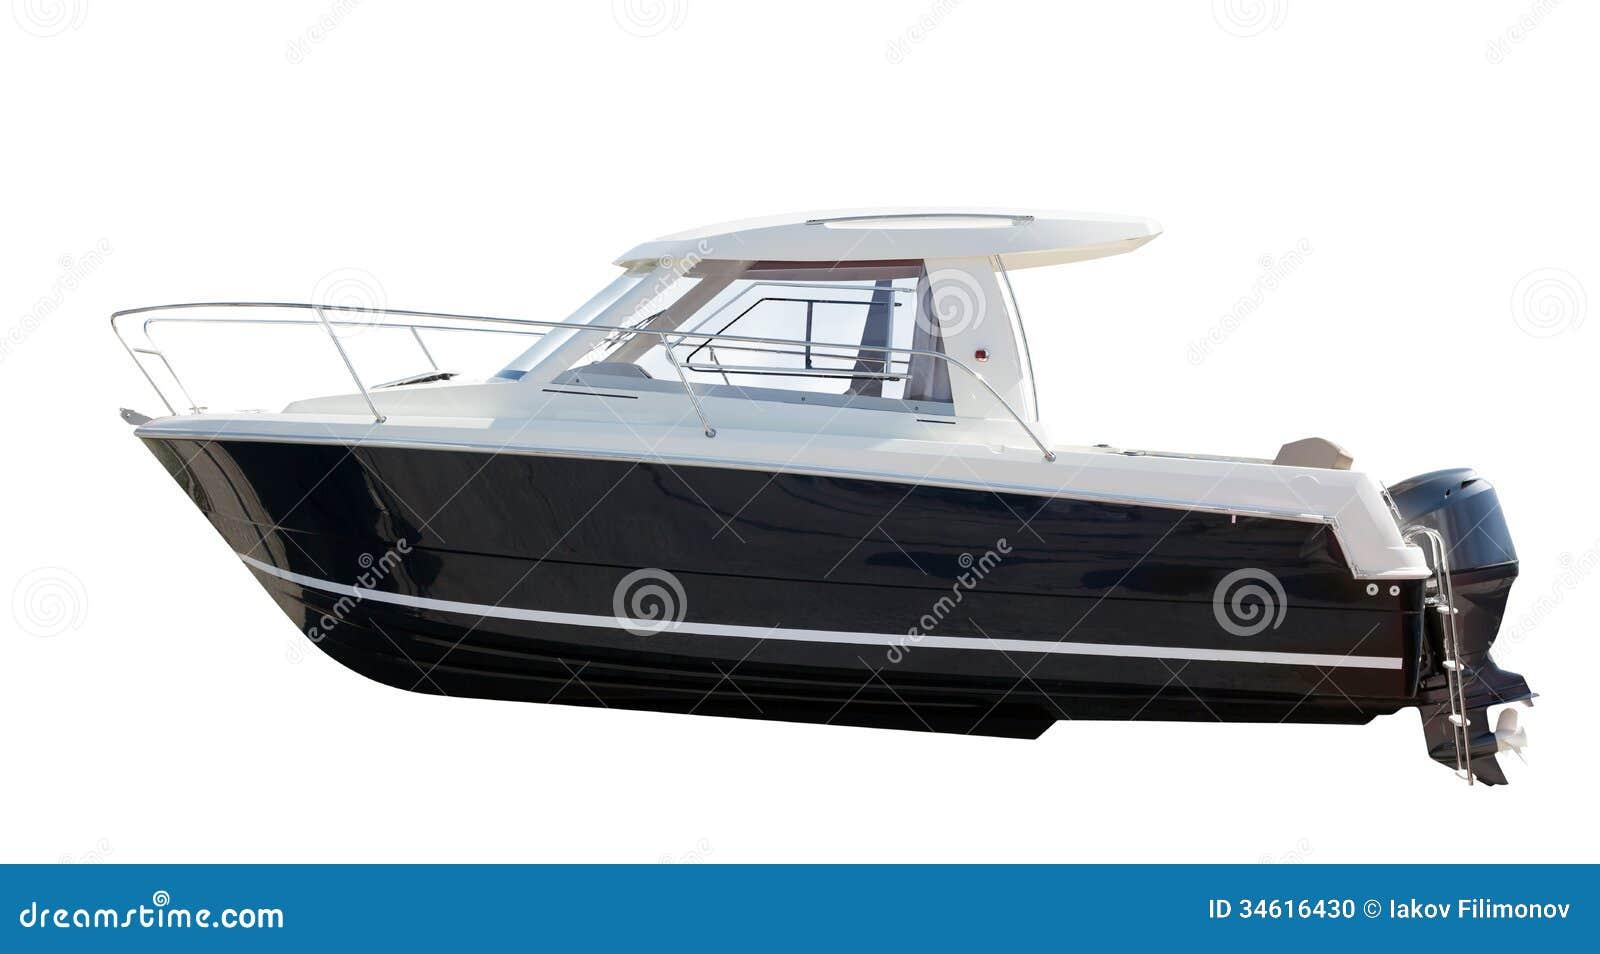 Vista lateral del barco de motor. Aislado sobre blanco